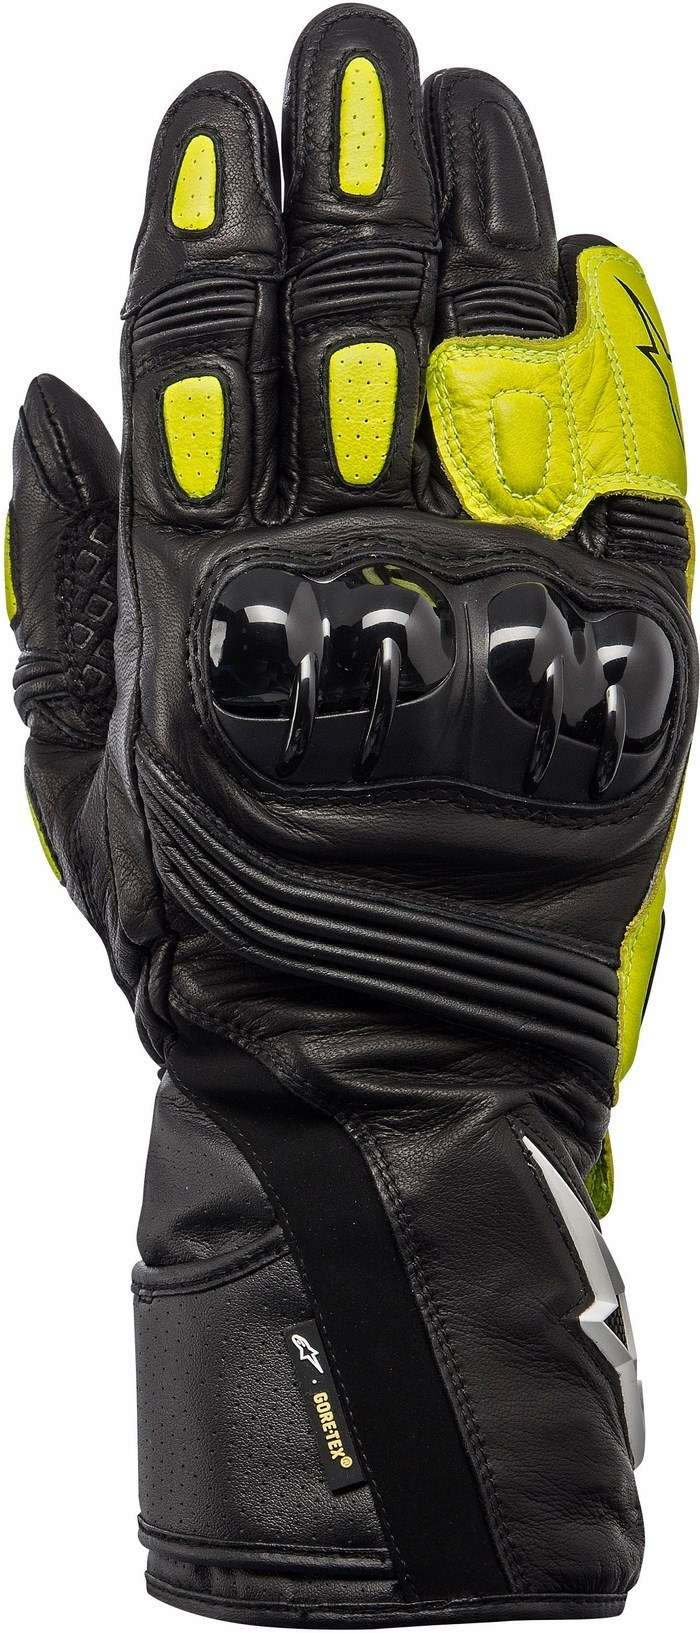 Alpinestars Archer X-Trafit gloves black-yellow fluo